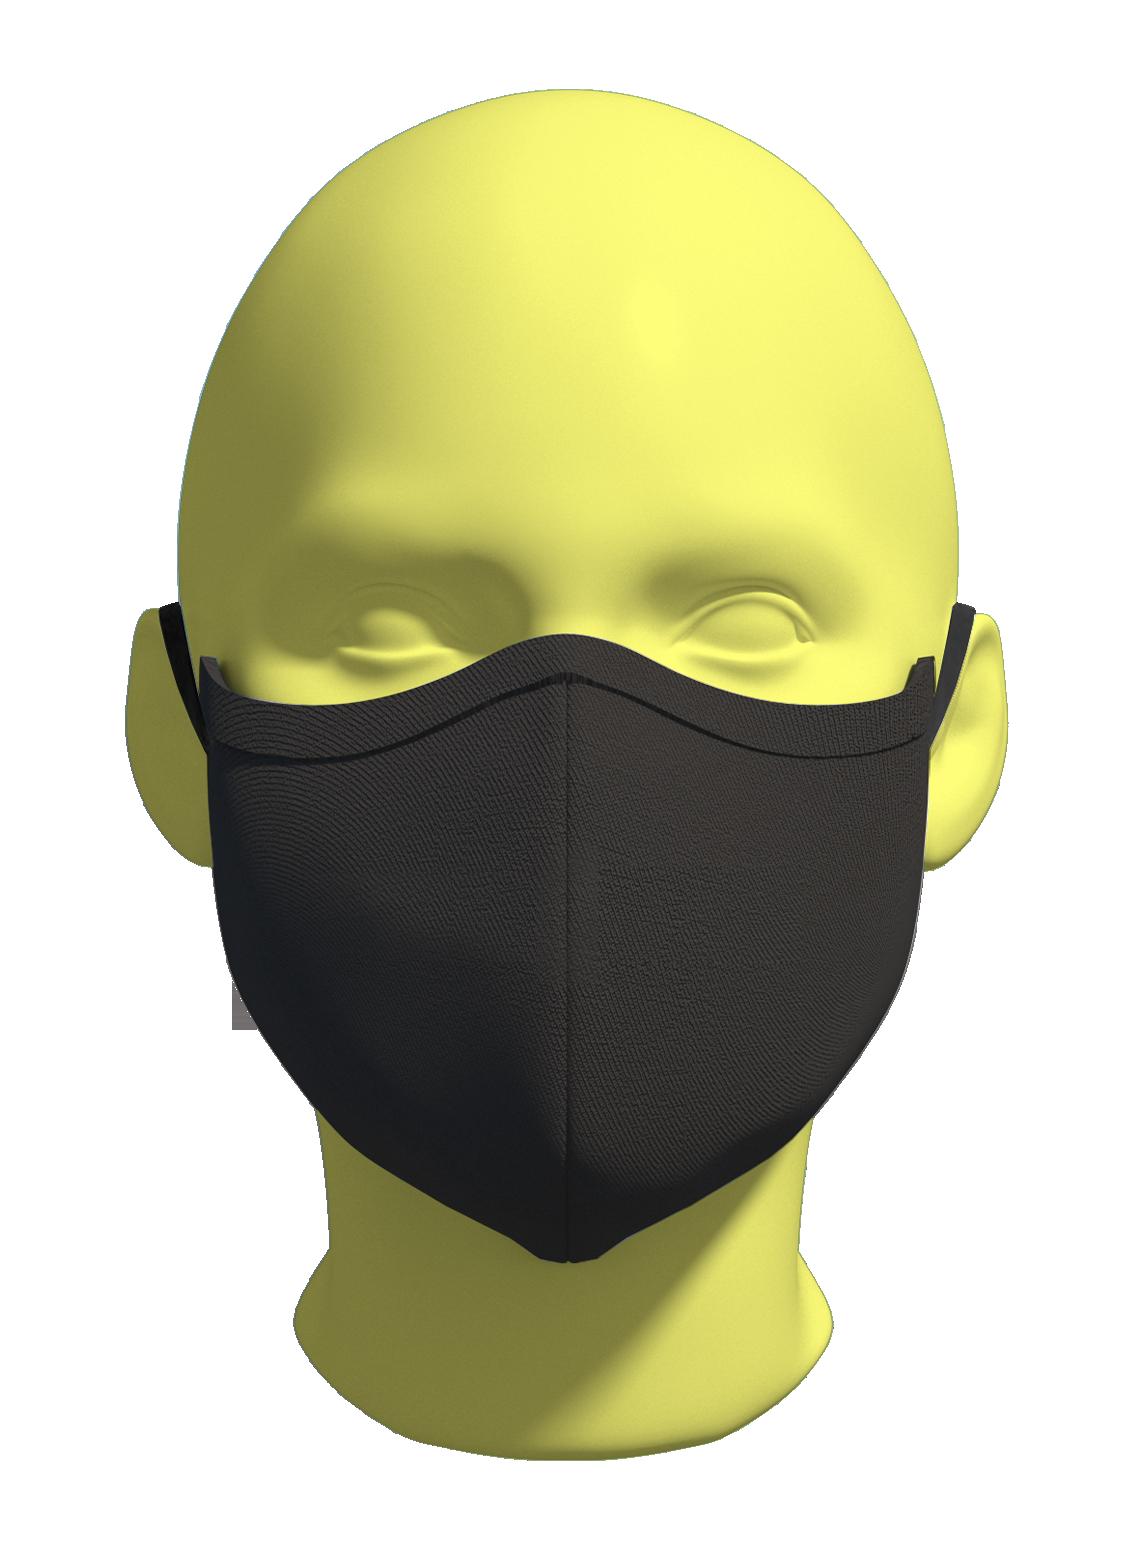 Библиотека ароматов Маска гигиеническая «Маска для лица, S» (Face mask, S-size) 1шт фото